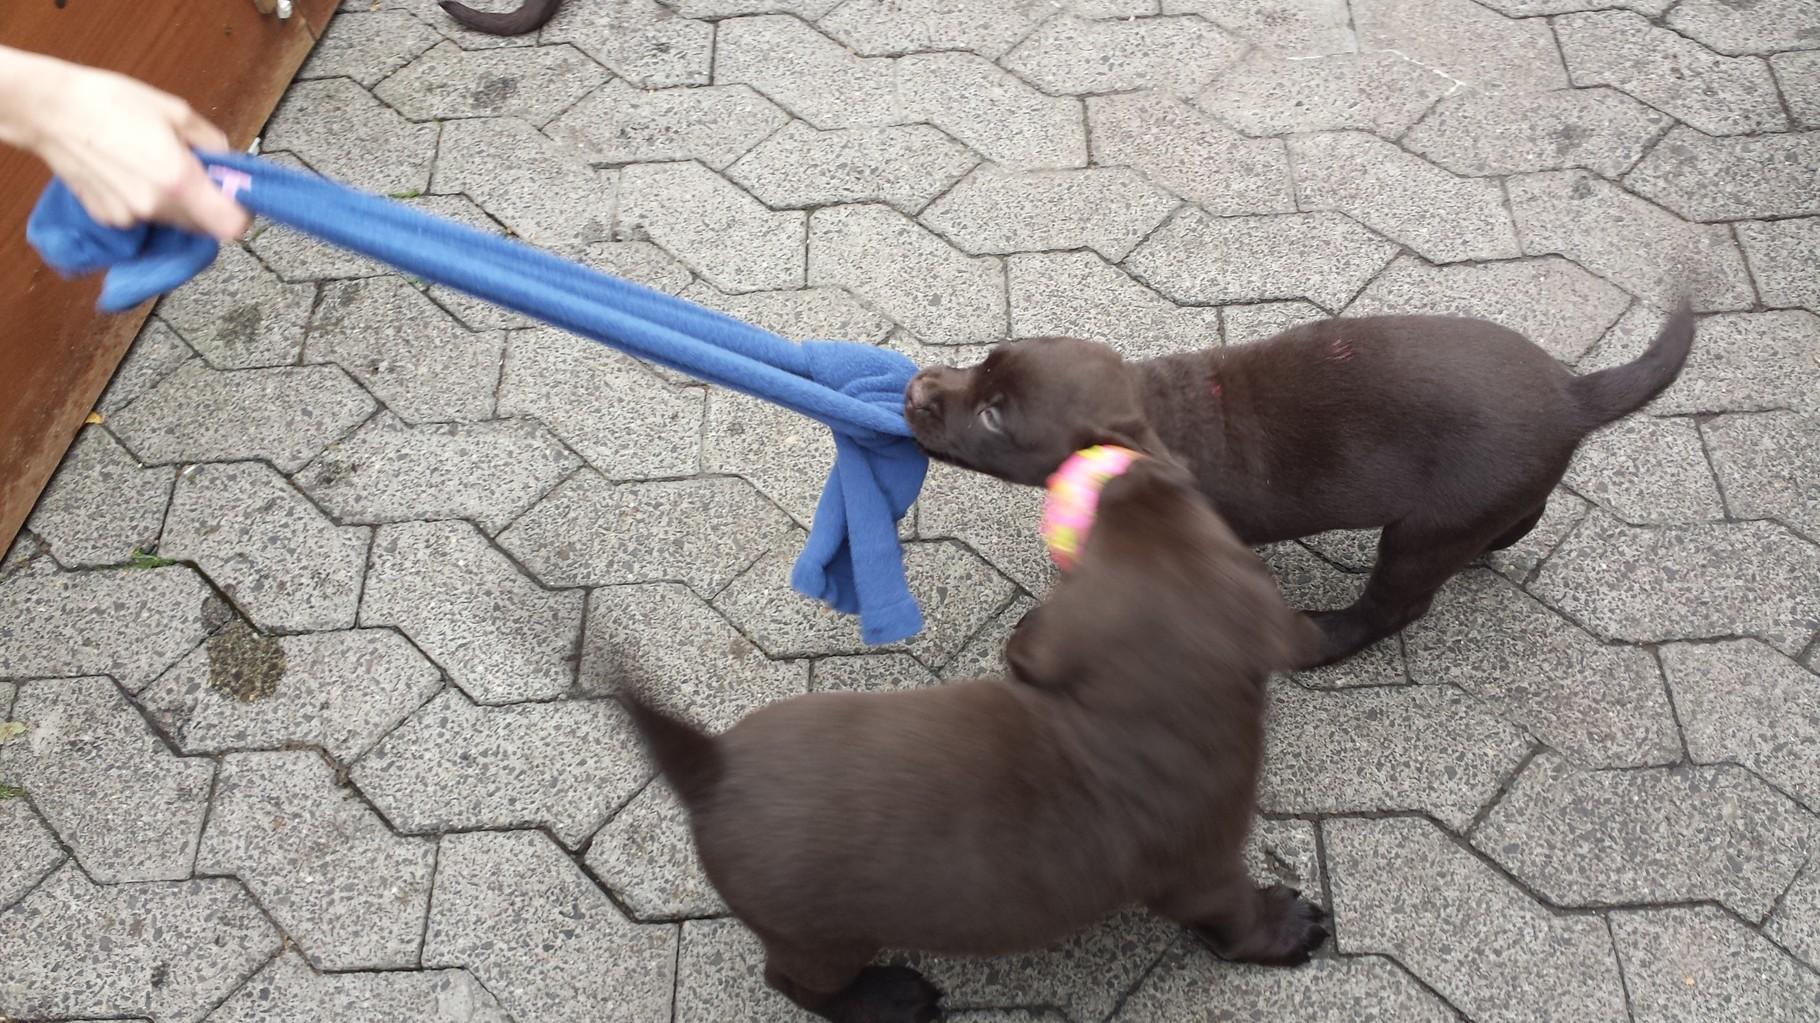 Hey, gib das her...ich will damit spielen.